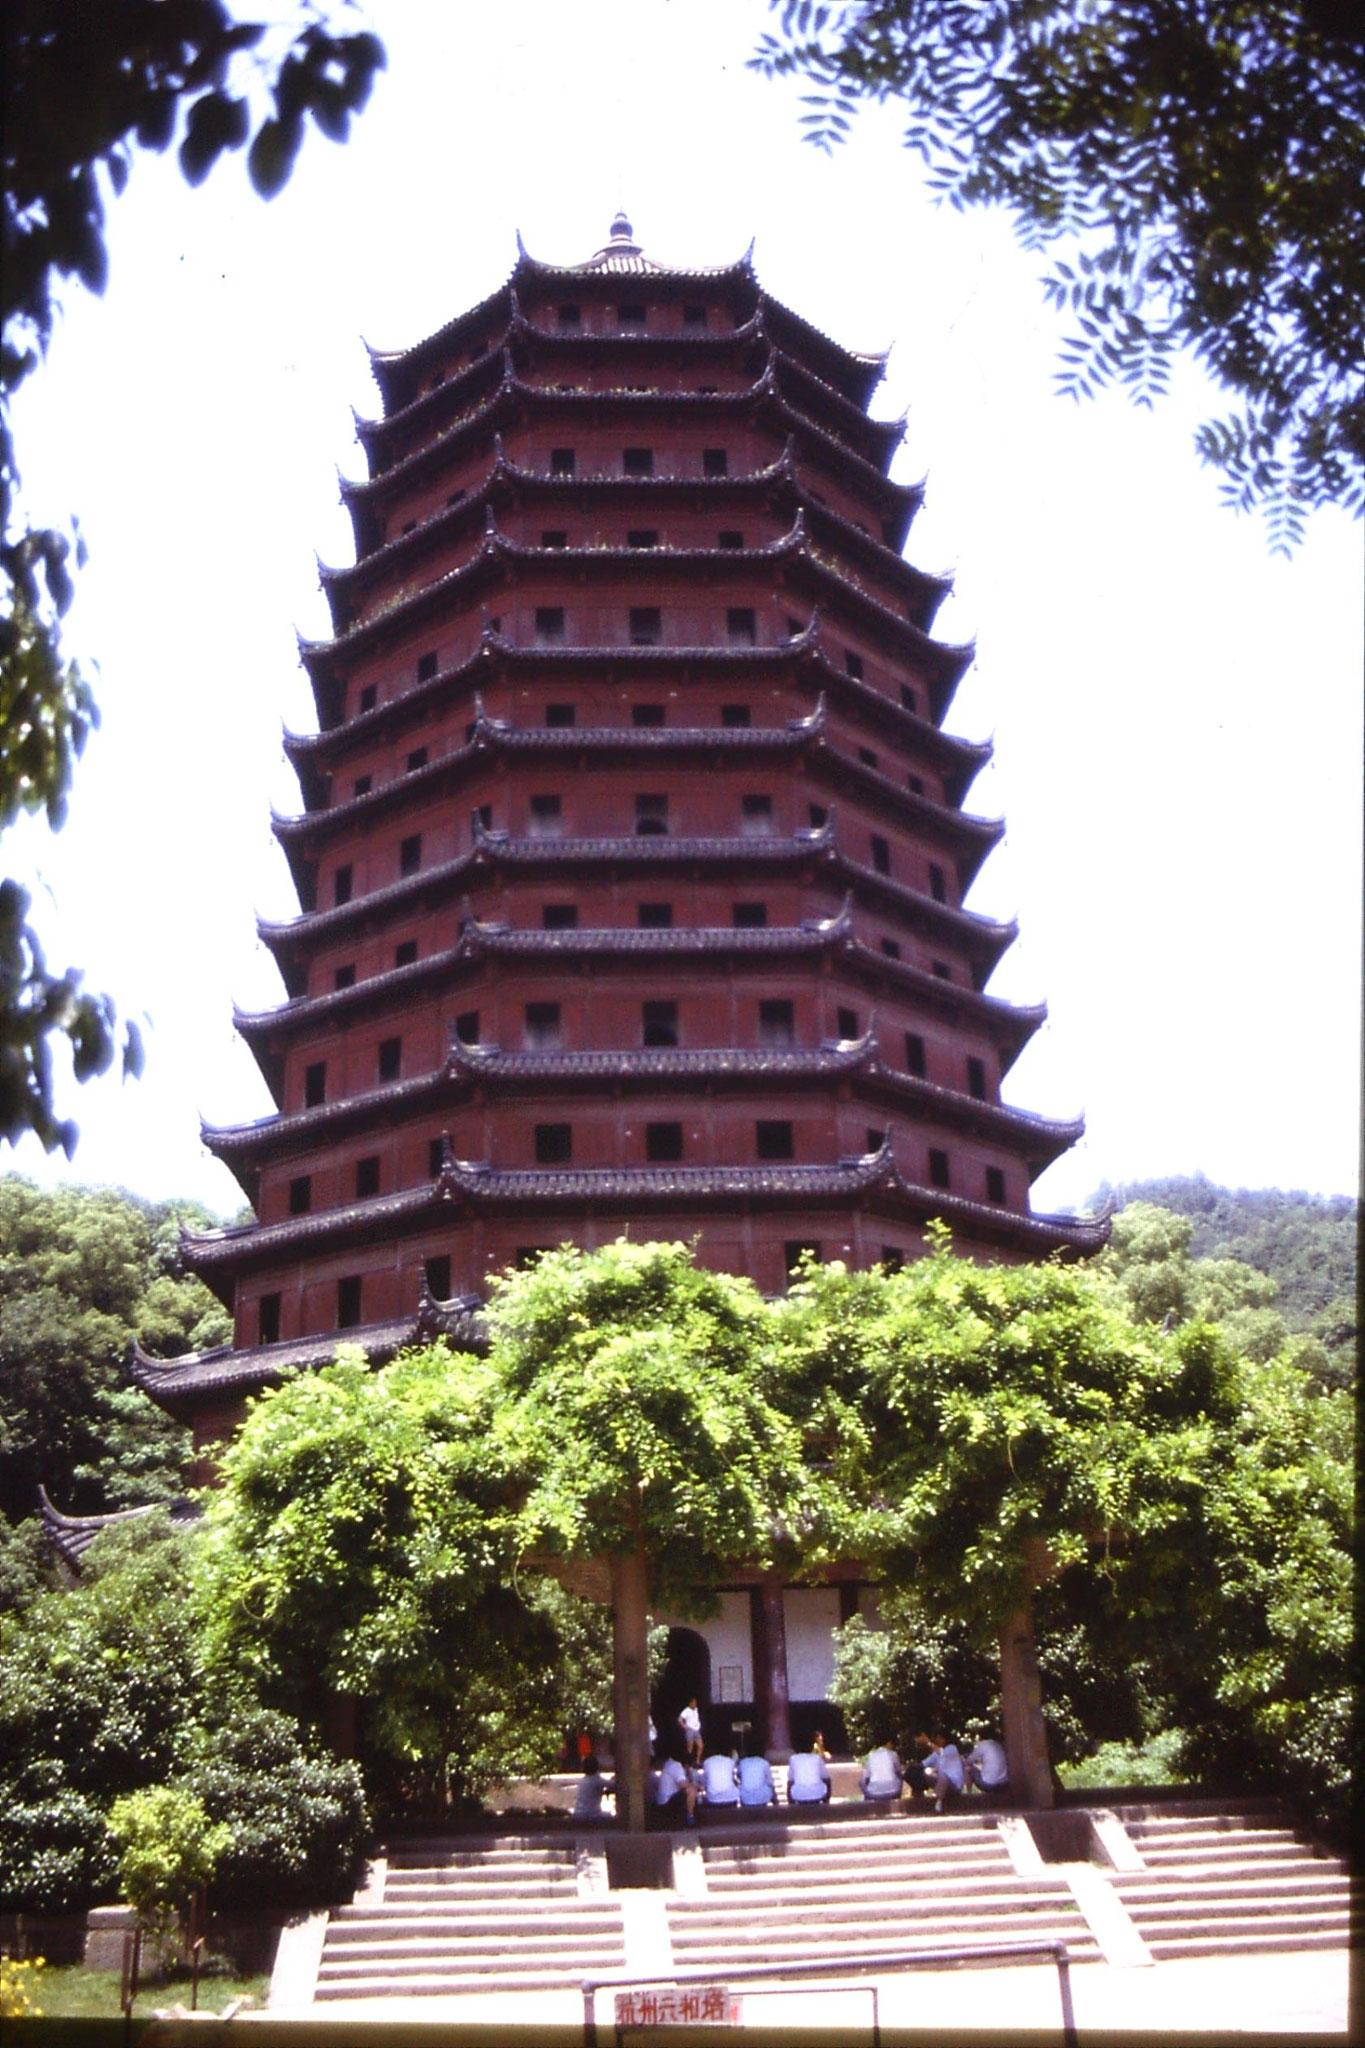 8/6/1989: 12: Hangzhou, Liu He pagoda